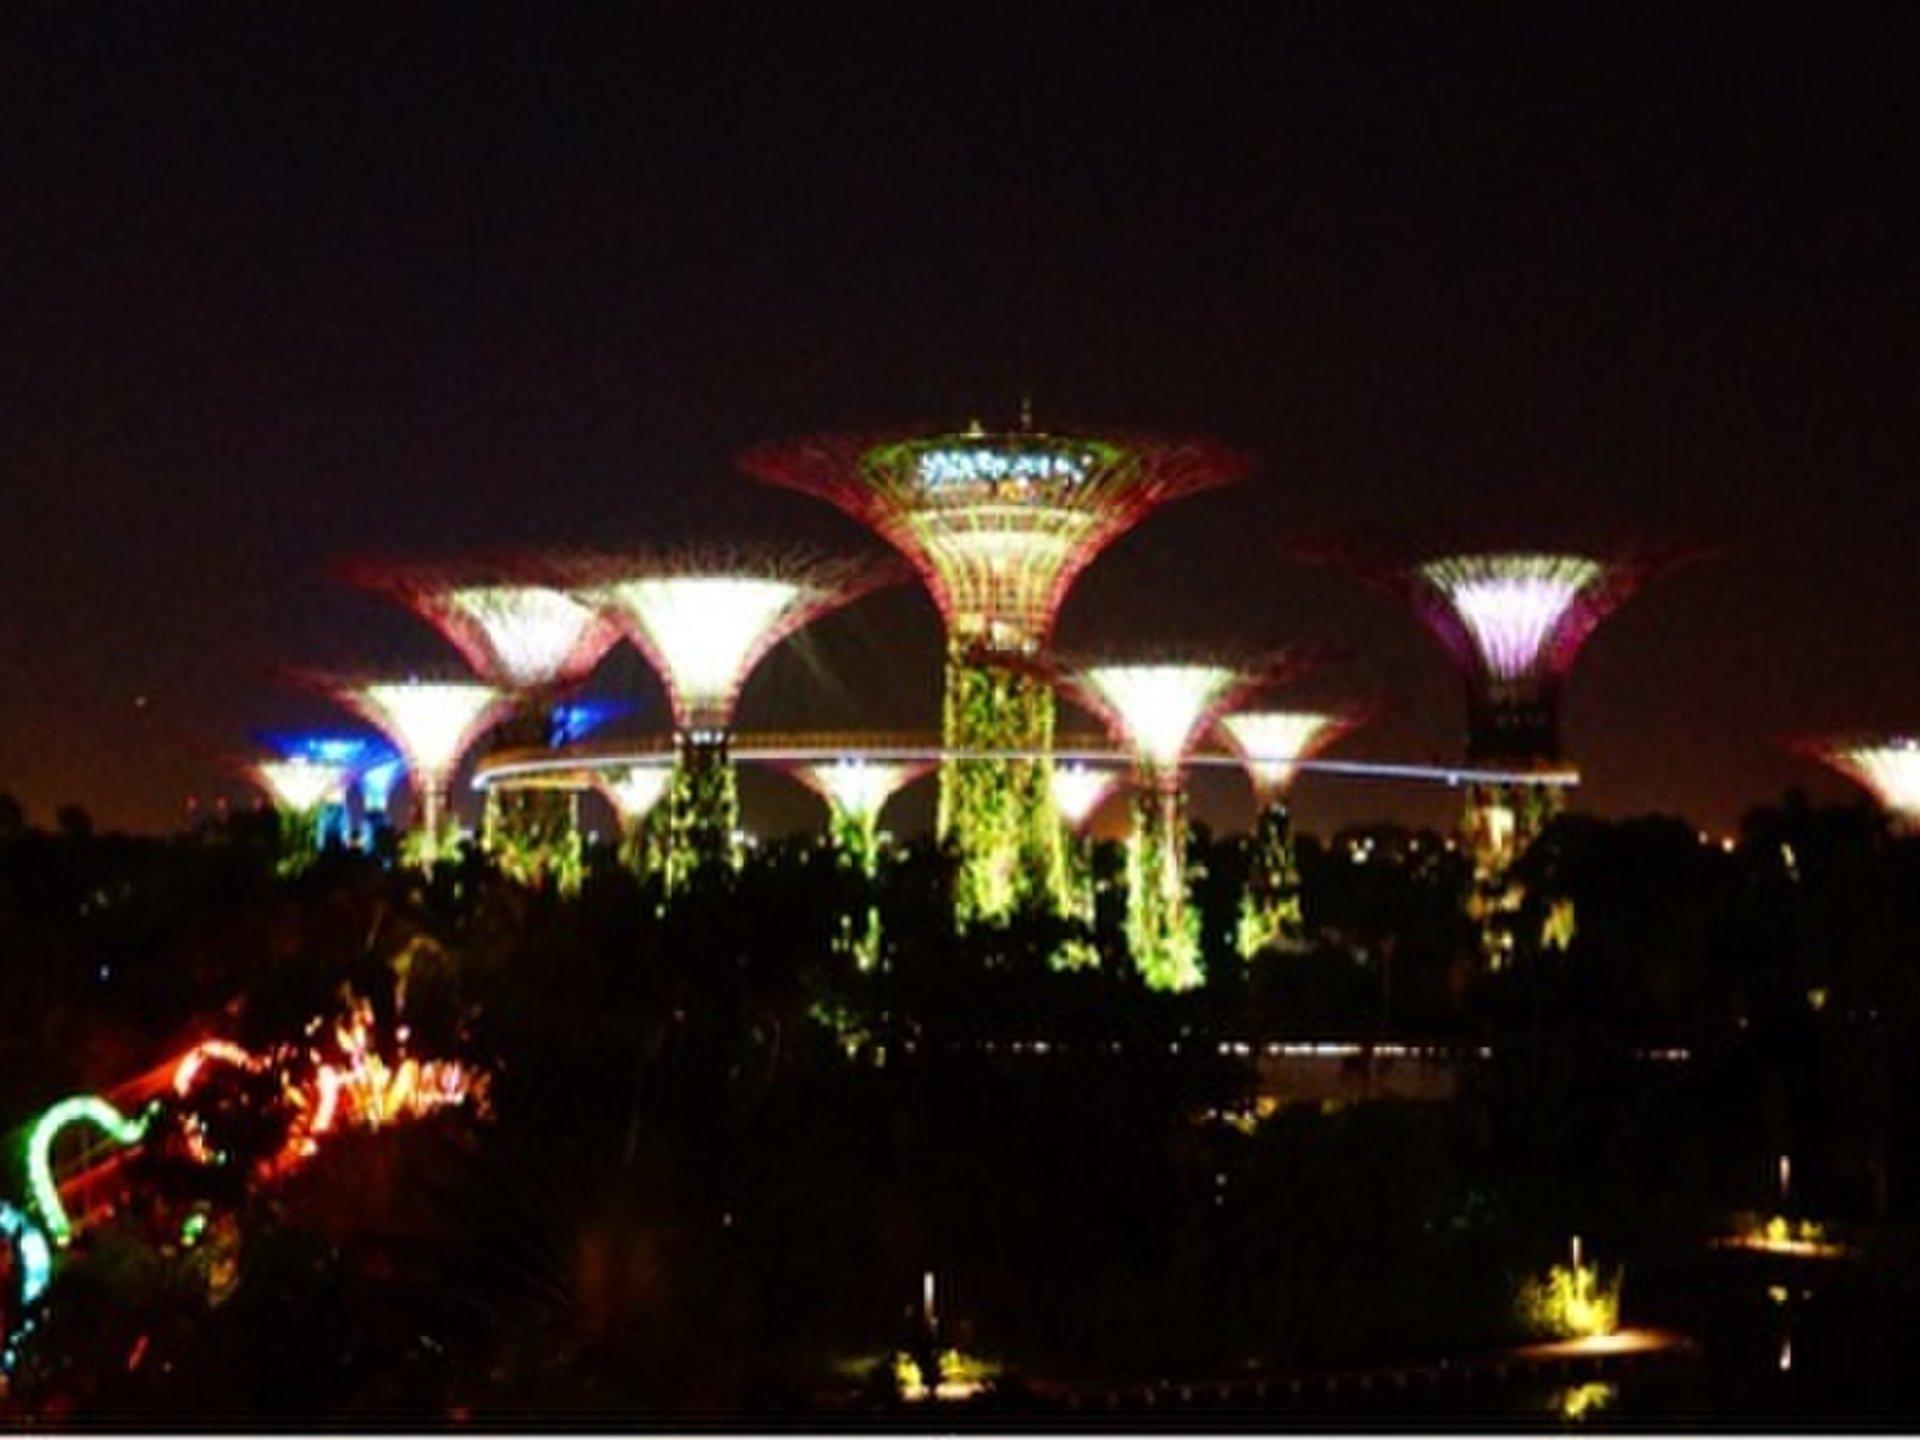 【シンガポール旅行】必見ナイトスポット。夜景が感動的に綺麗なおすすめコース